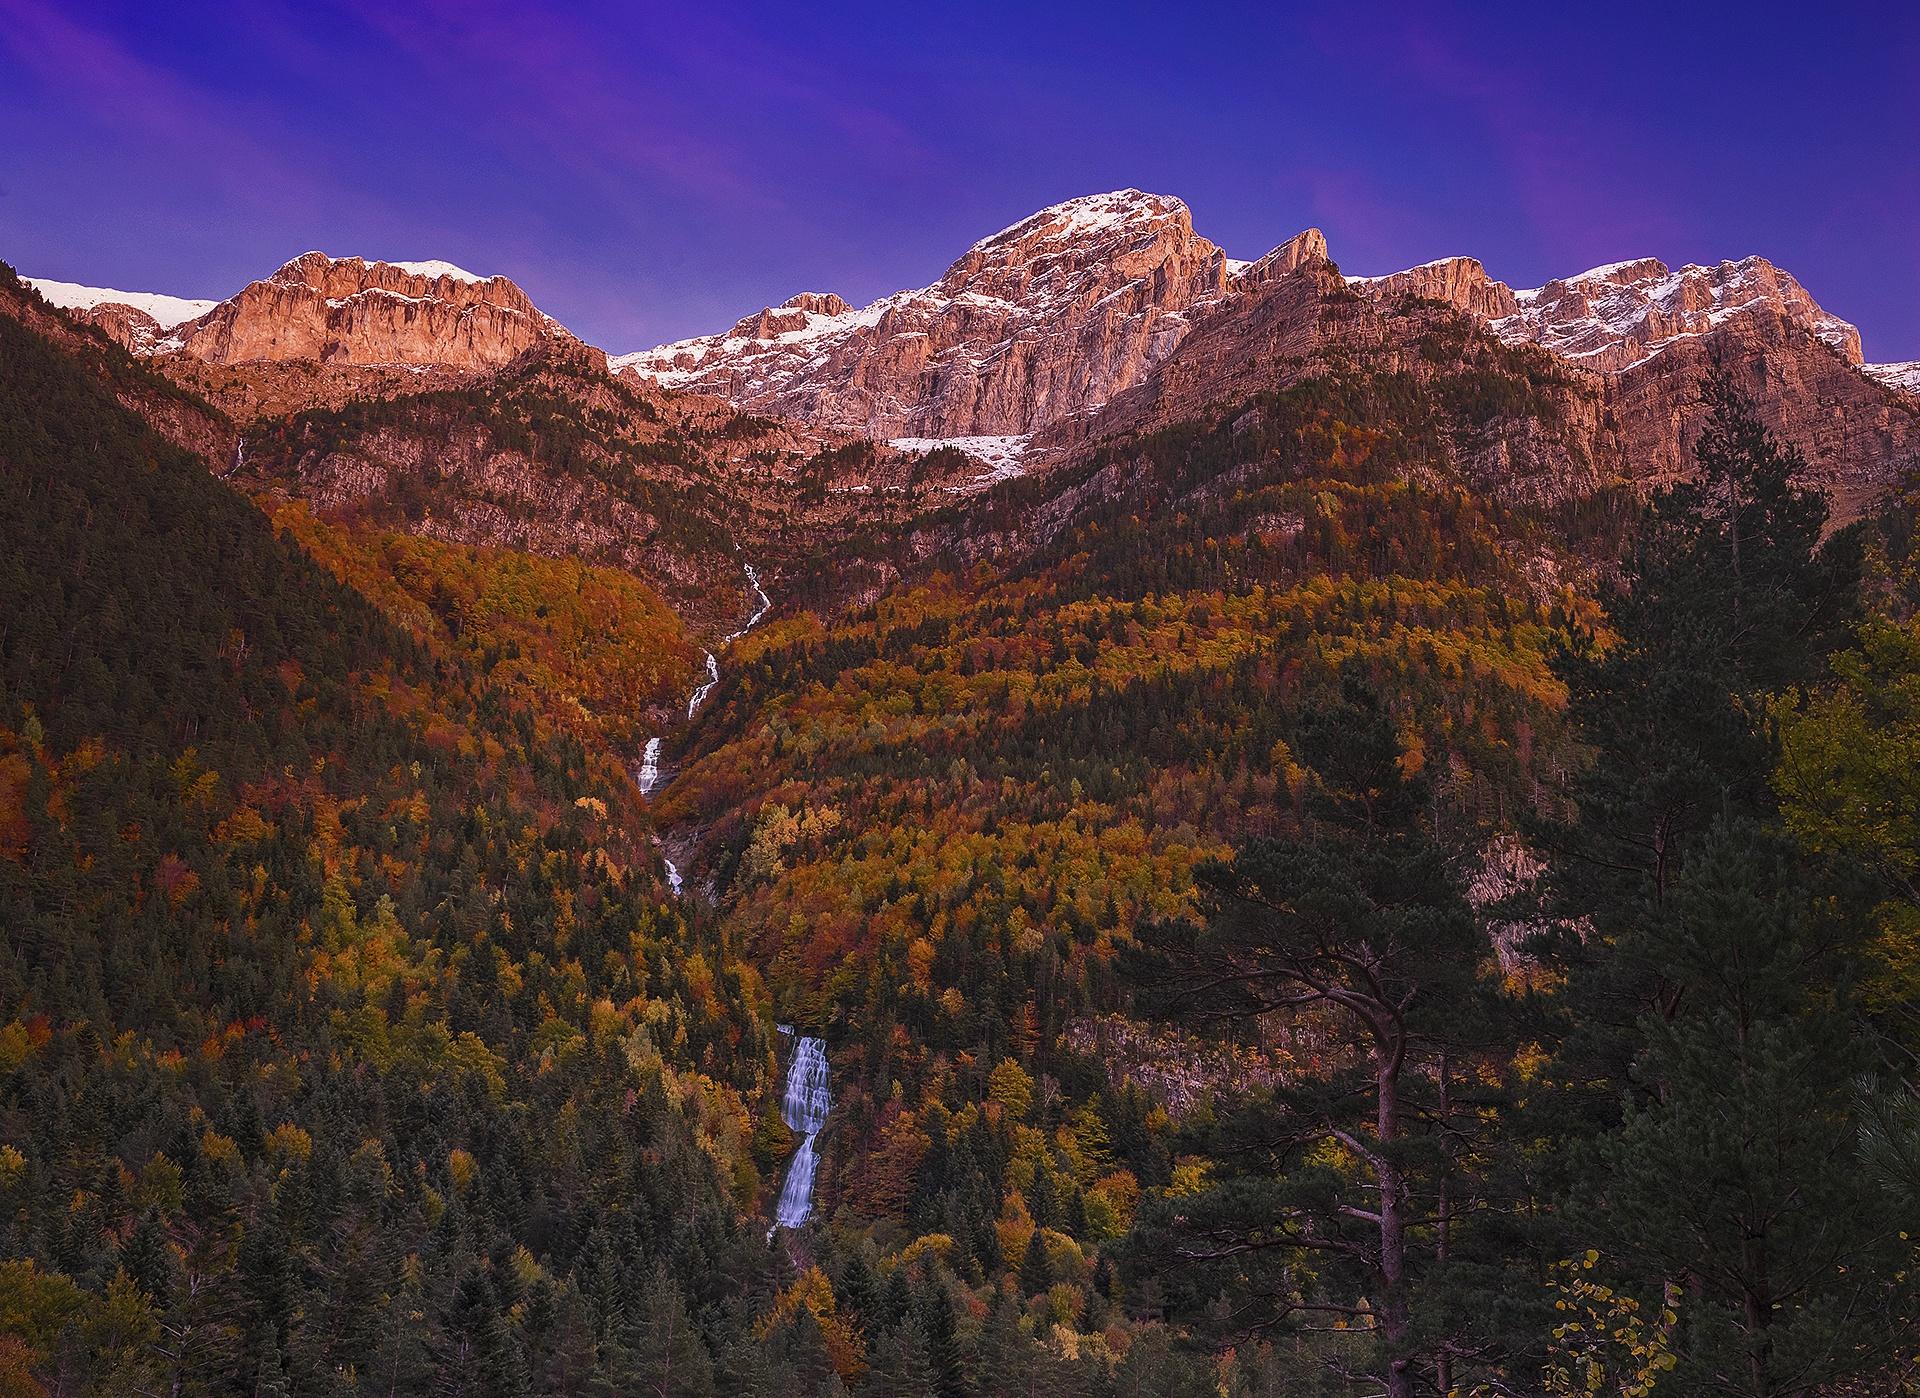 Ordesa - Alpen glow - Peter Manschot Al Andalus Photo Tour, Landscape photography photos prints workshops Andalusia Spain